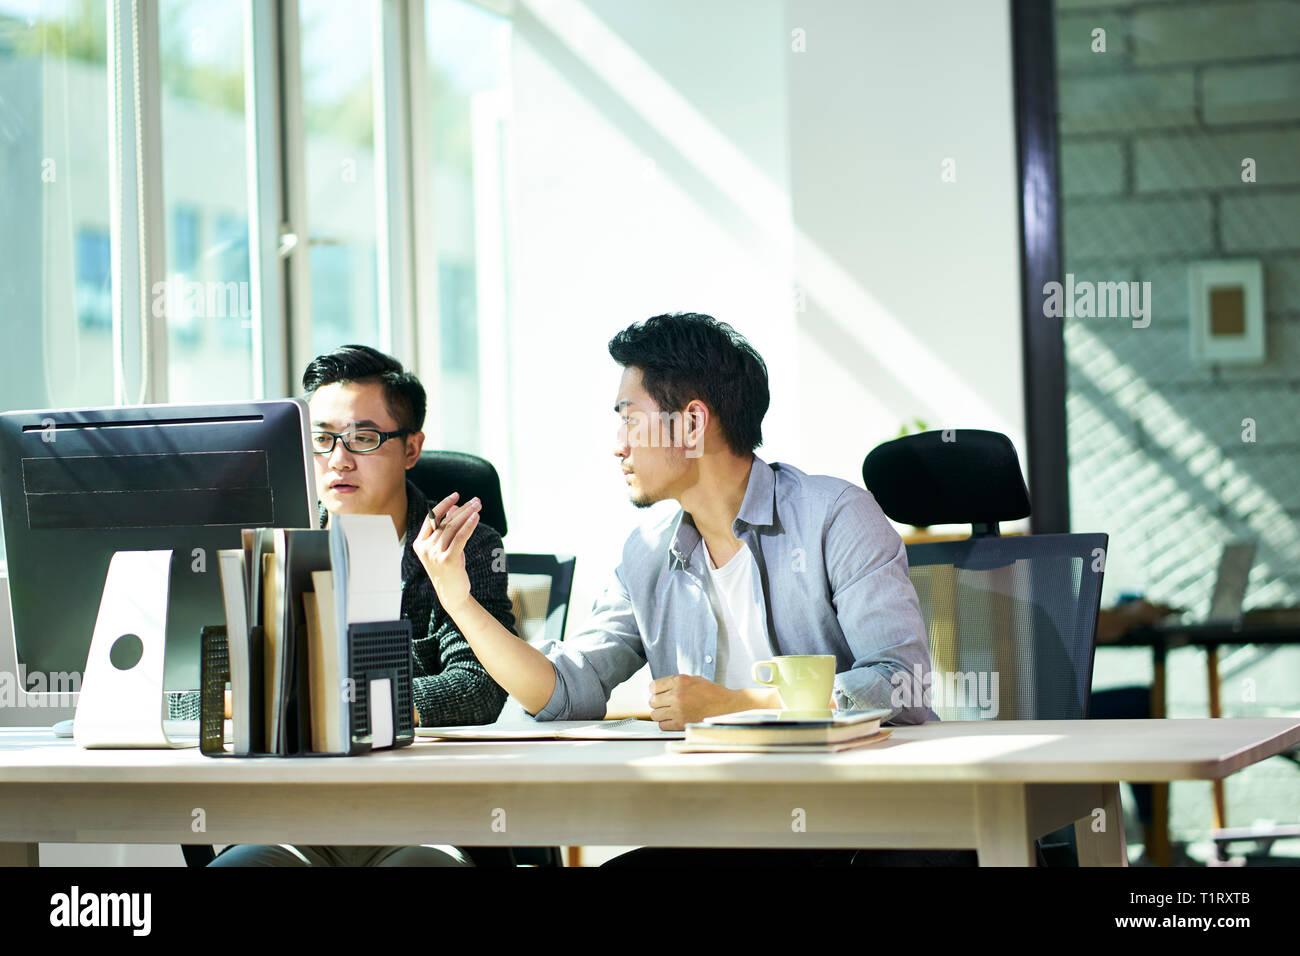 Dos jóvenes empresarios asiáticos trabajan juntos en la oficina hablando de negocios. Foto de stock